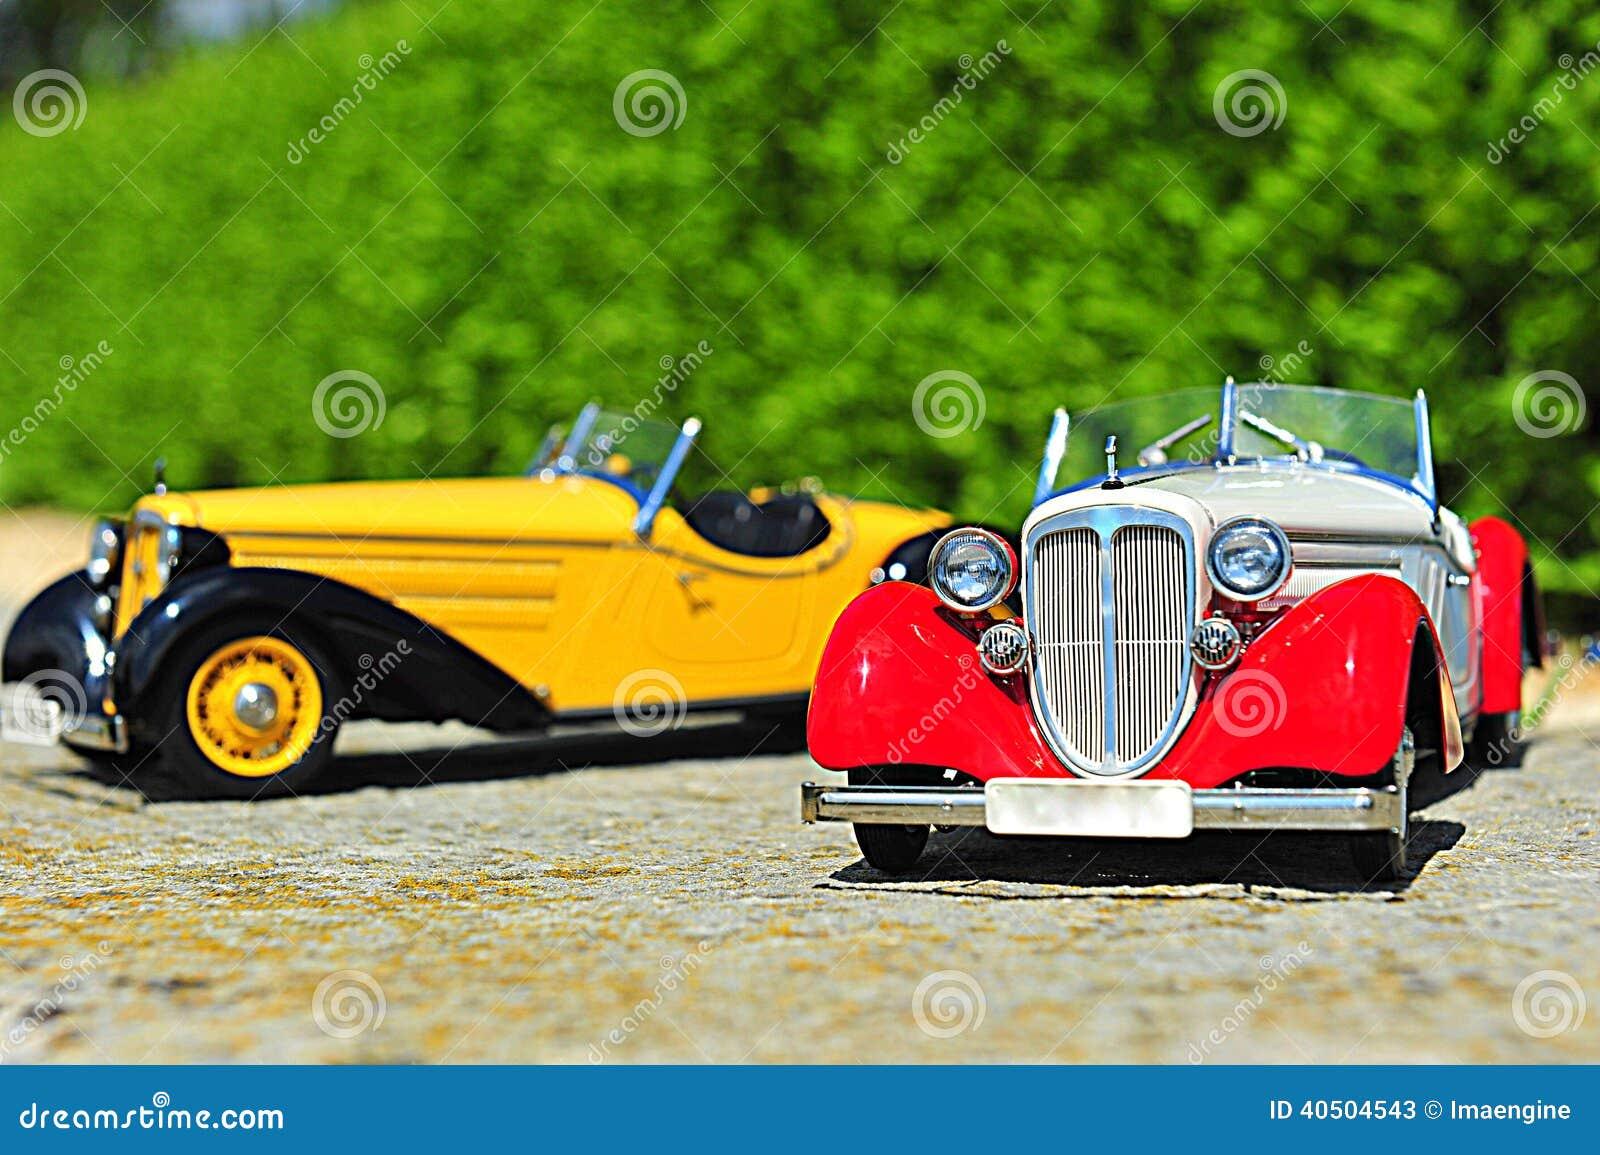 Vintage Audi Roadster Cars Scale Models Stock Image Image Of - Vintage audi cars